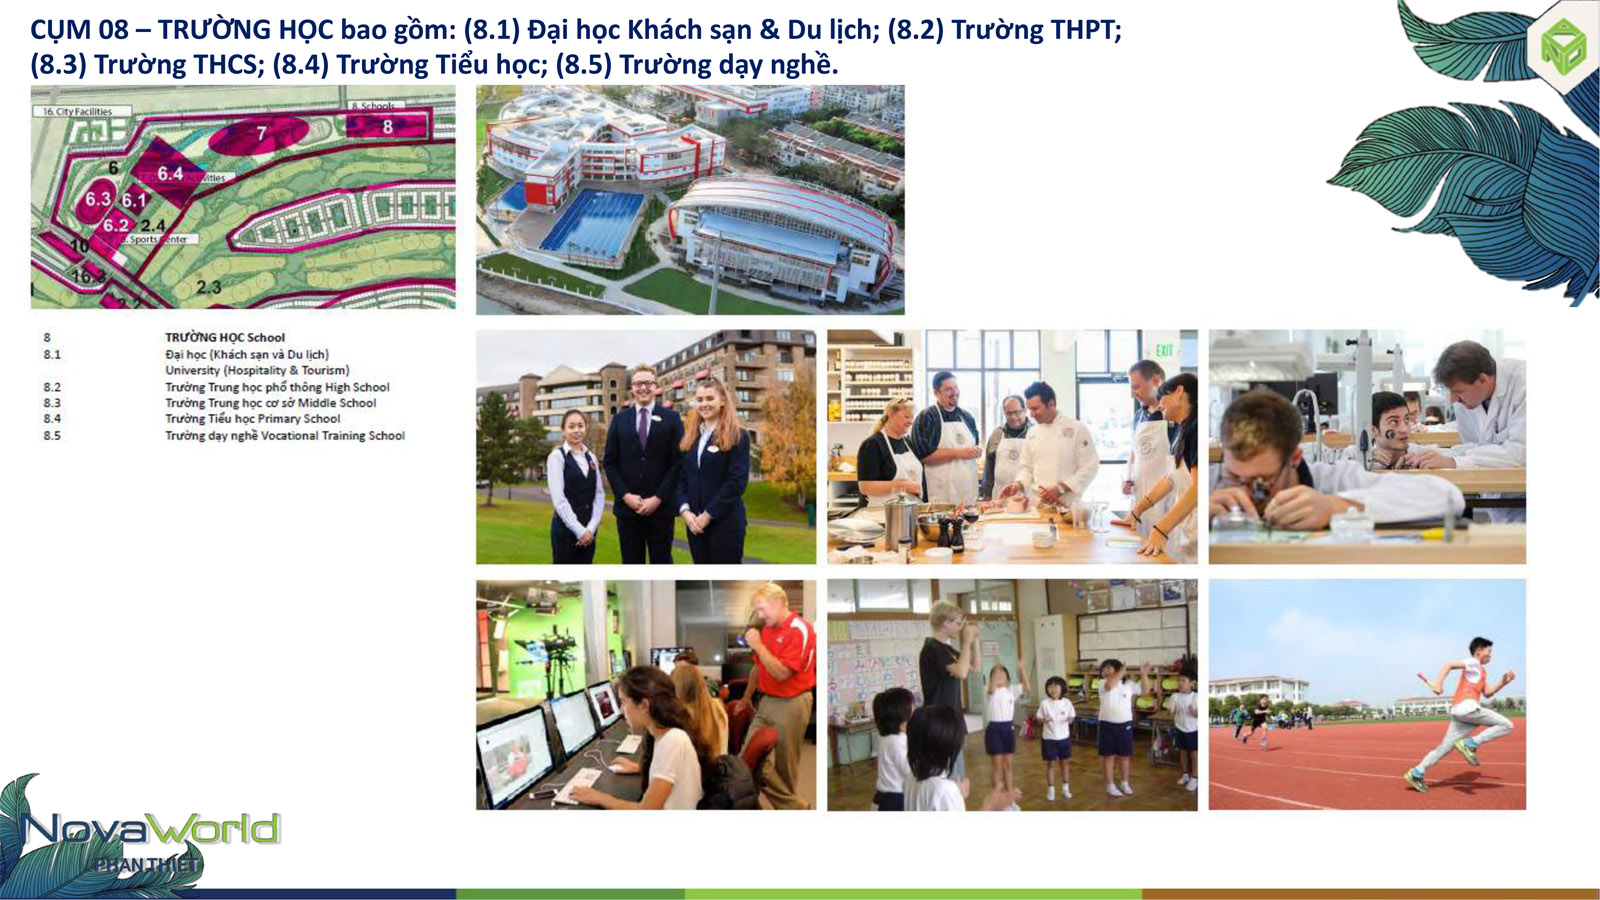 Cụm tiện ích Trường học dự án NovaWorld Phan Thiết